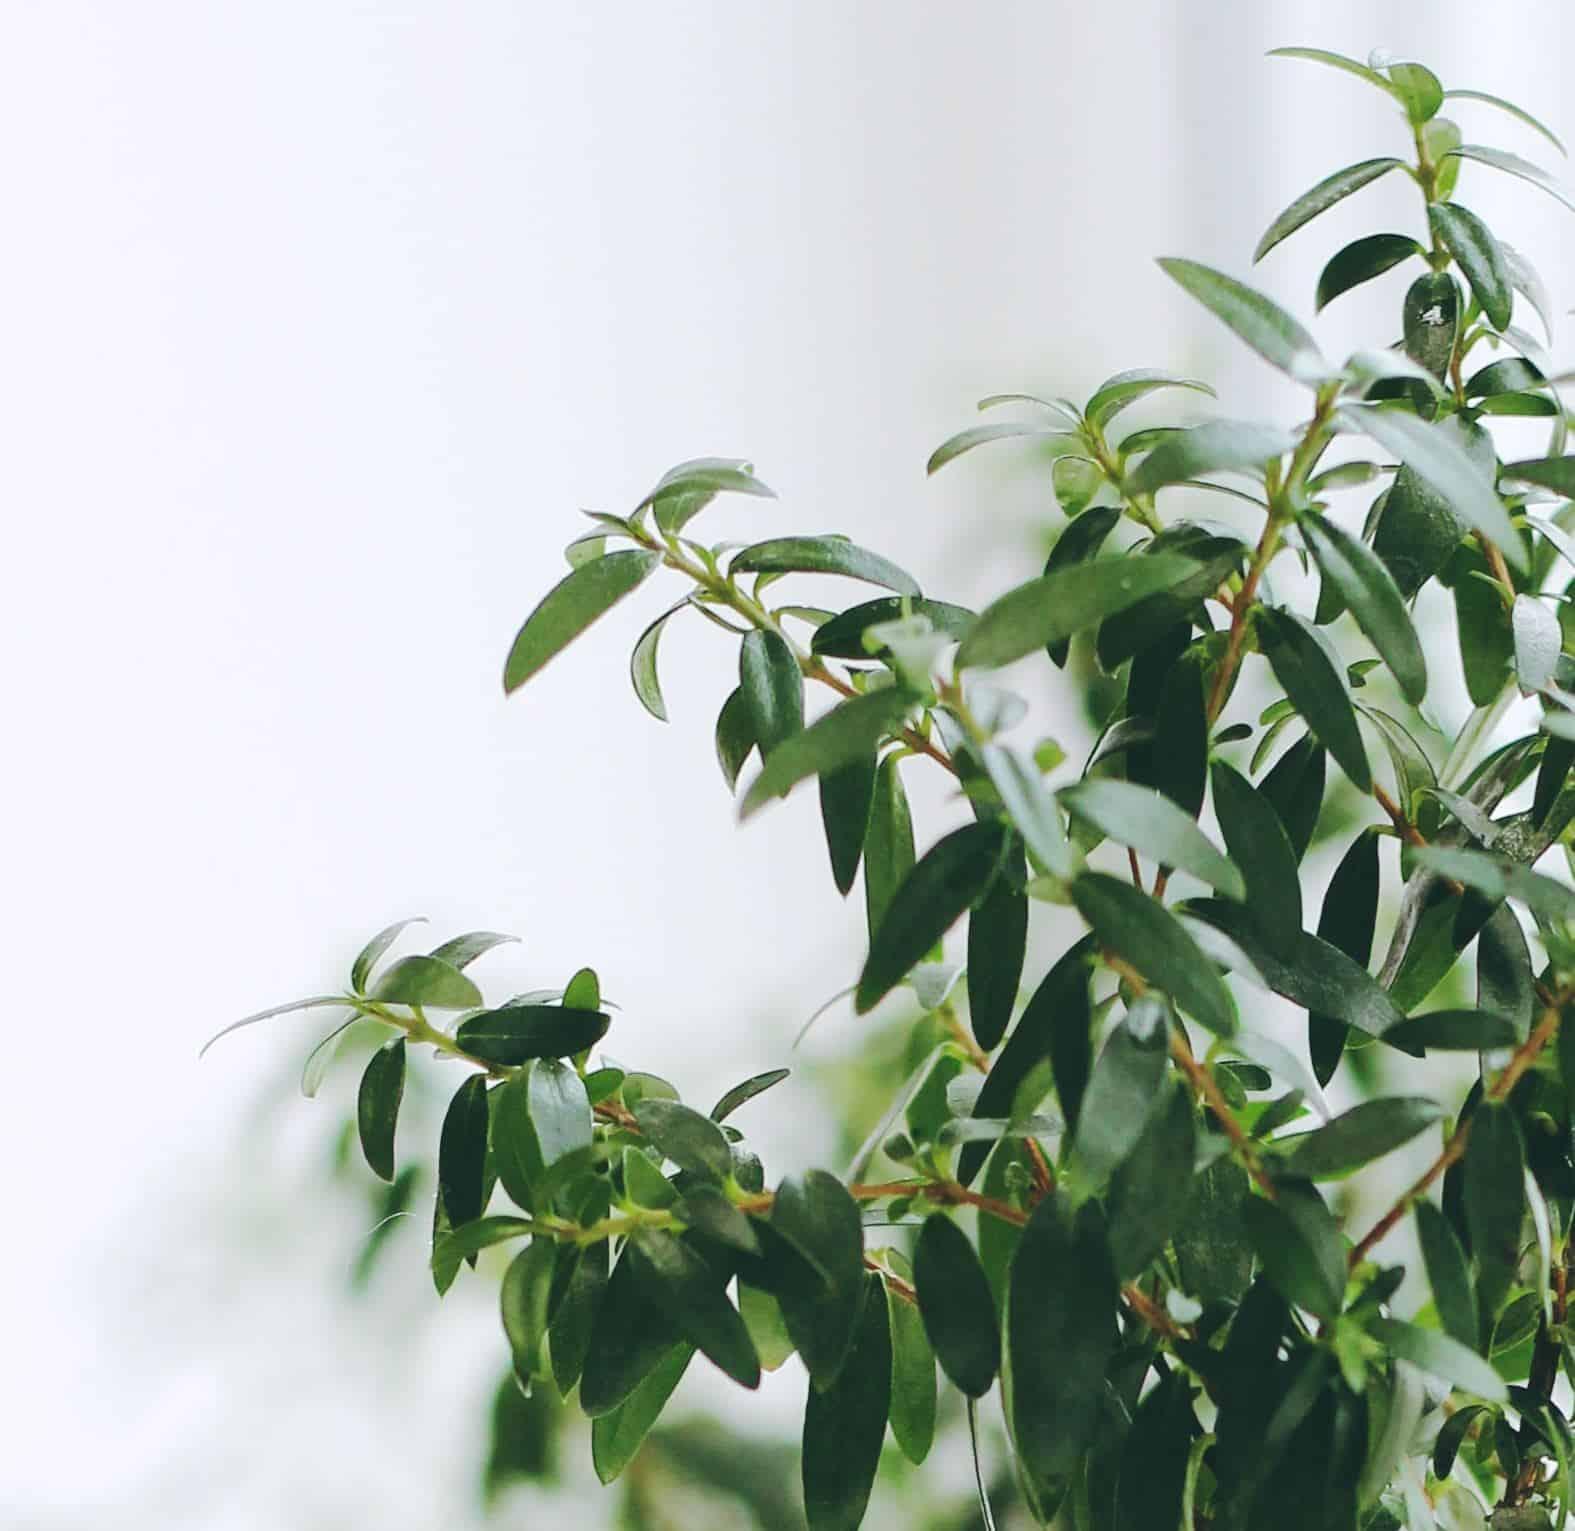 pianta di mirto